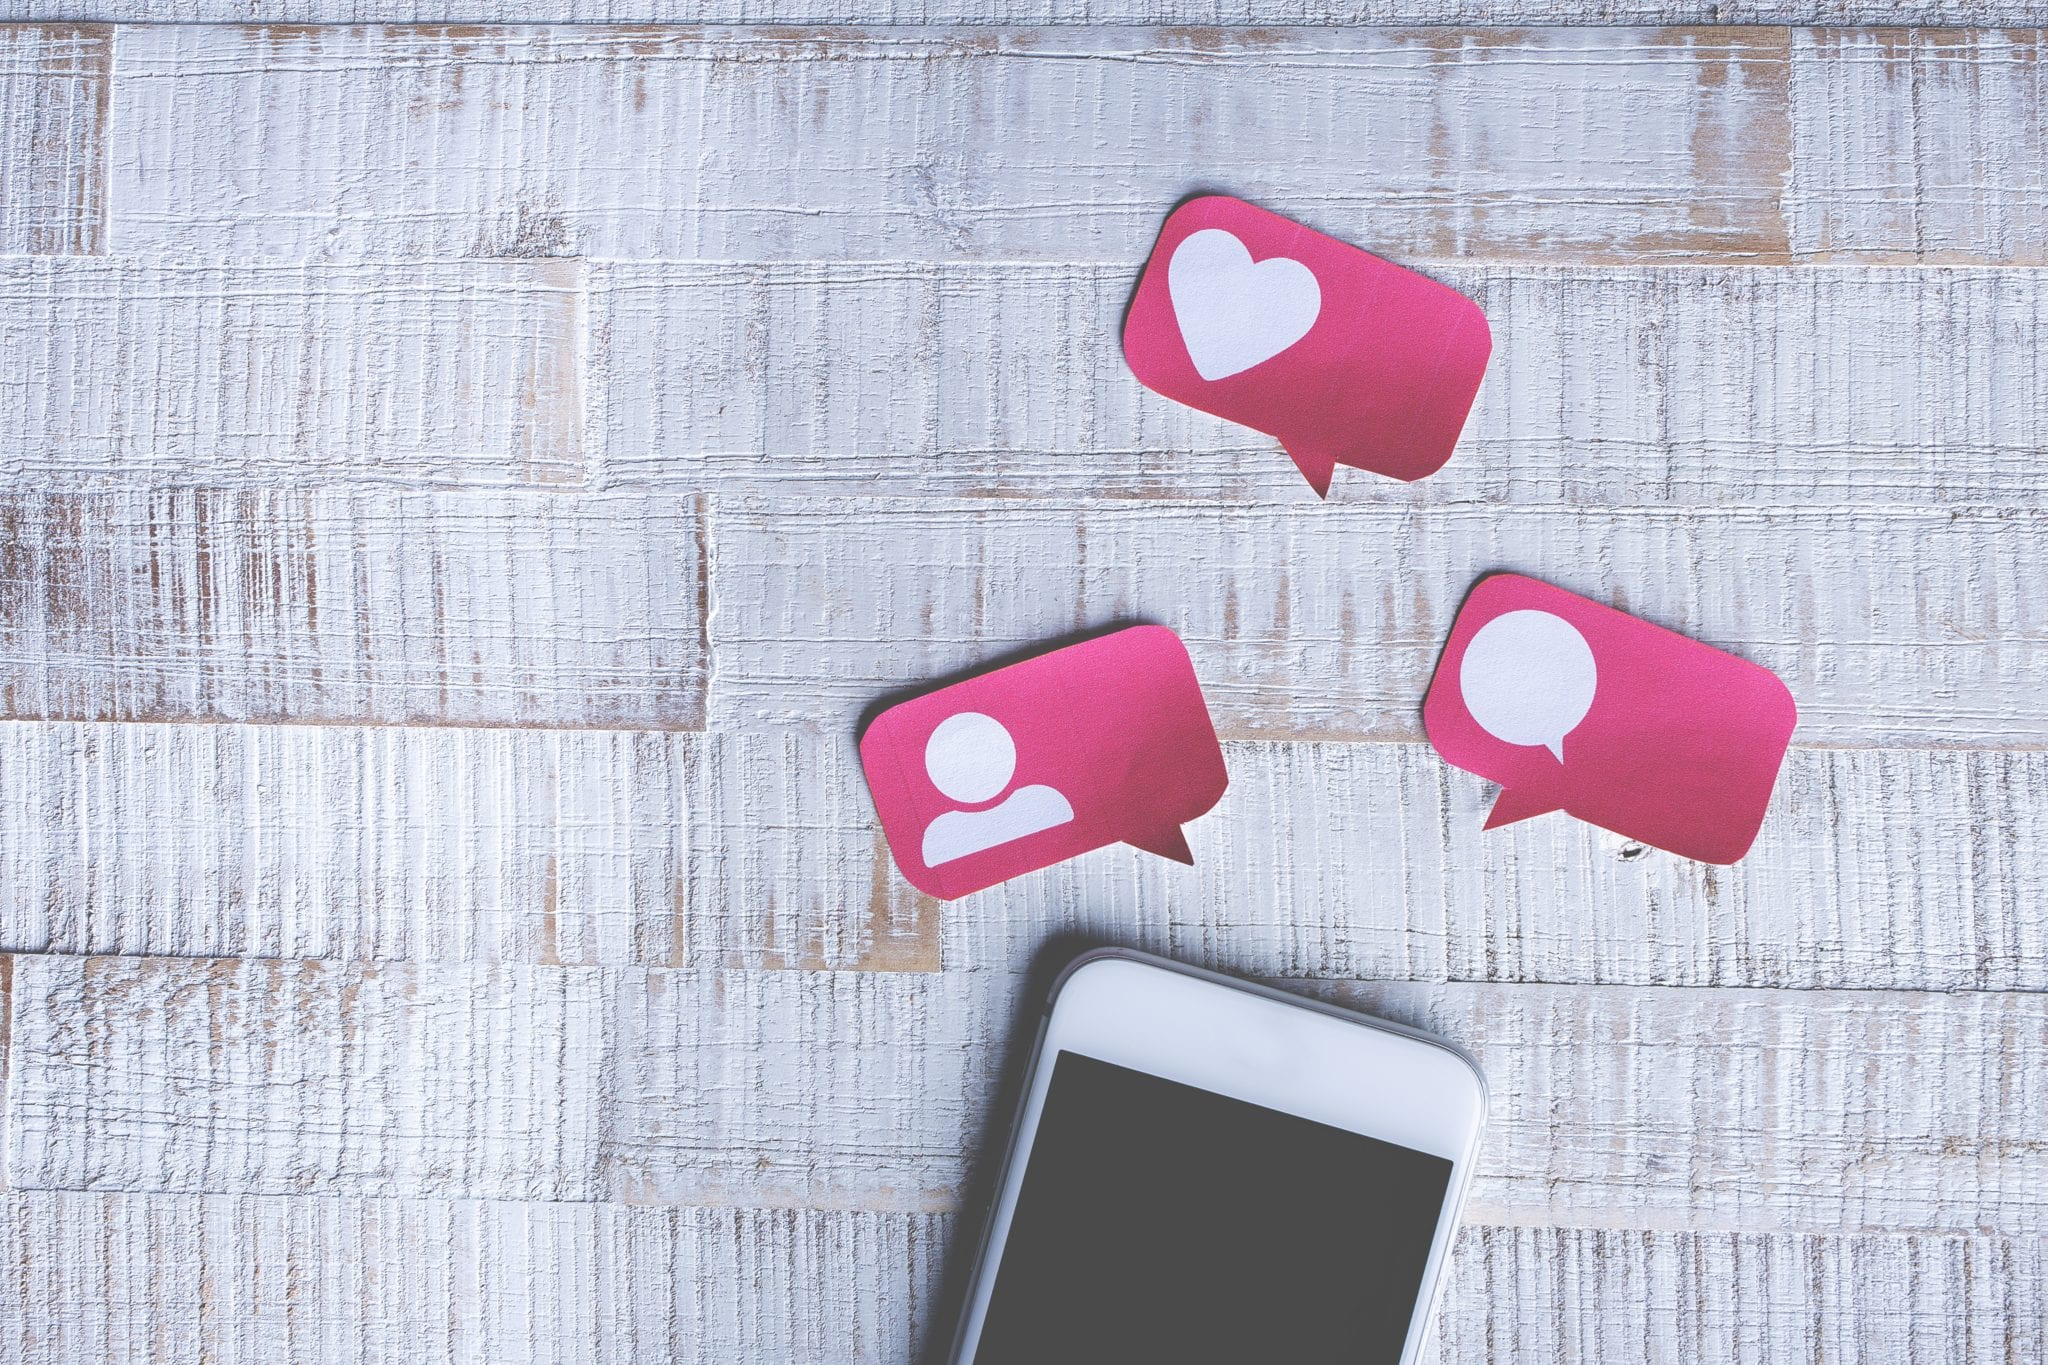 Elegir Imágenes Para Tus Redes Sociales Es Simple 2heart